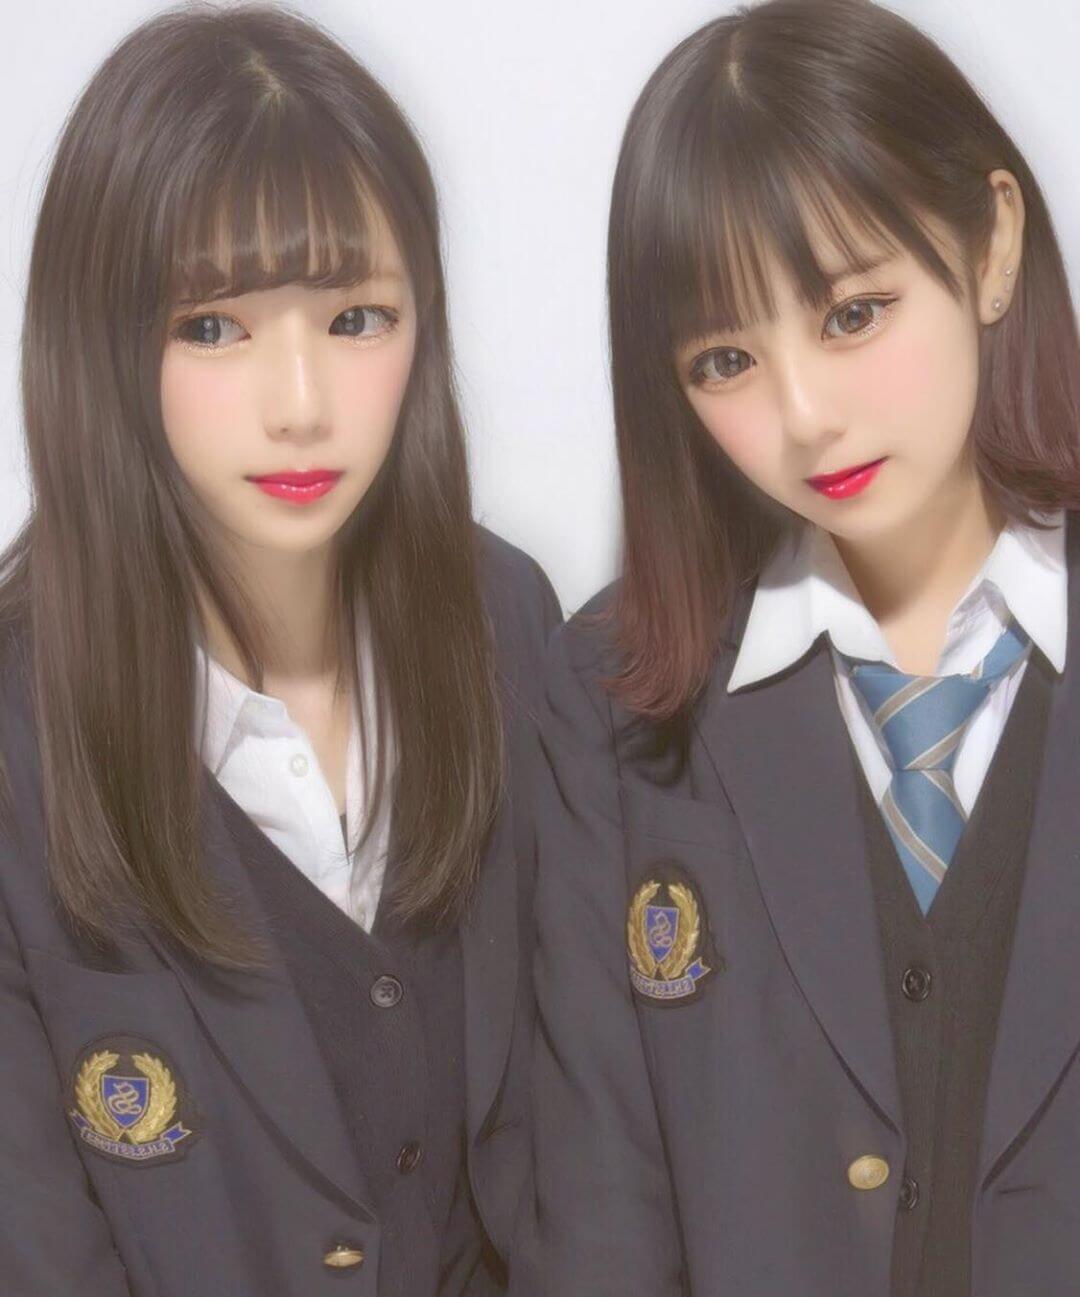 【画像】女子高生とプリクラ撮れるなら撮りたい言うくせに